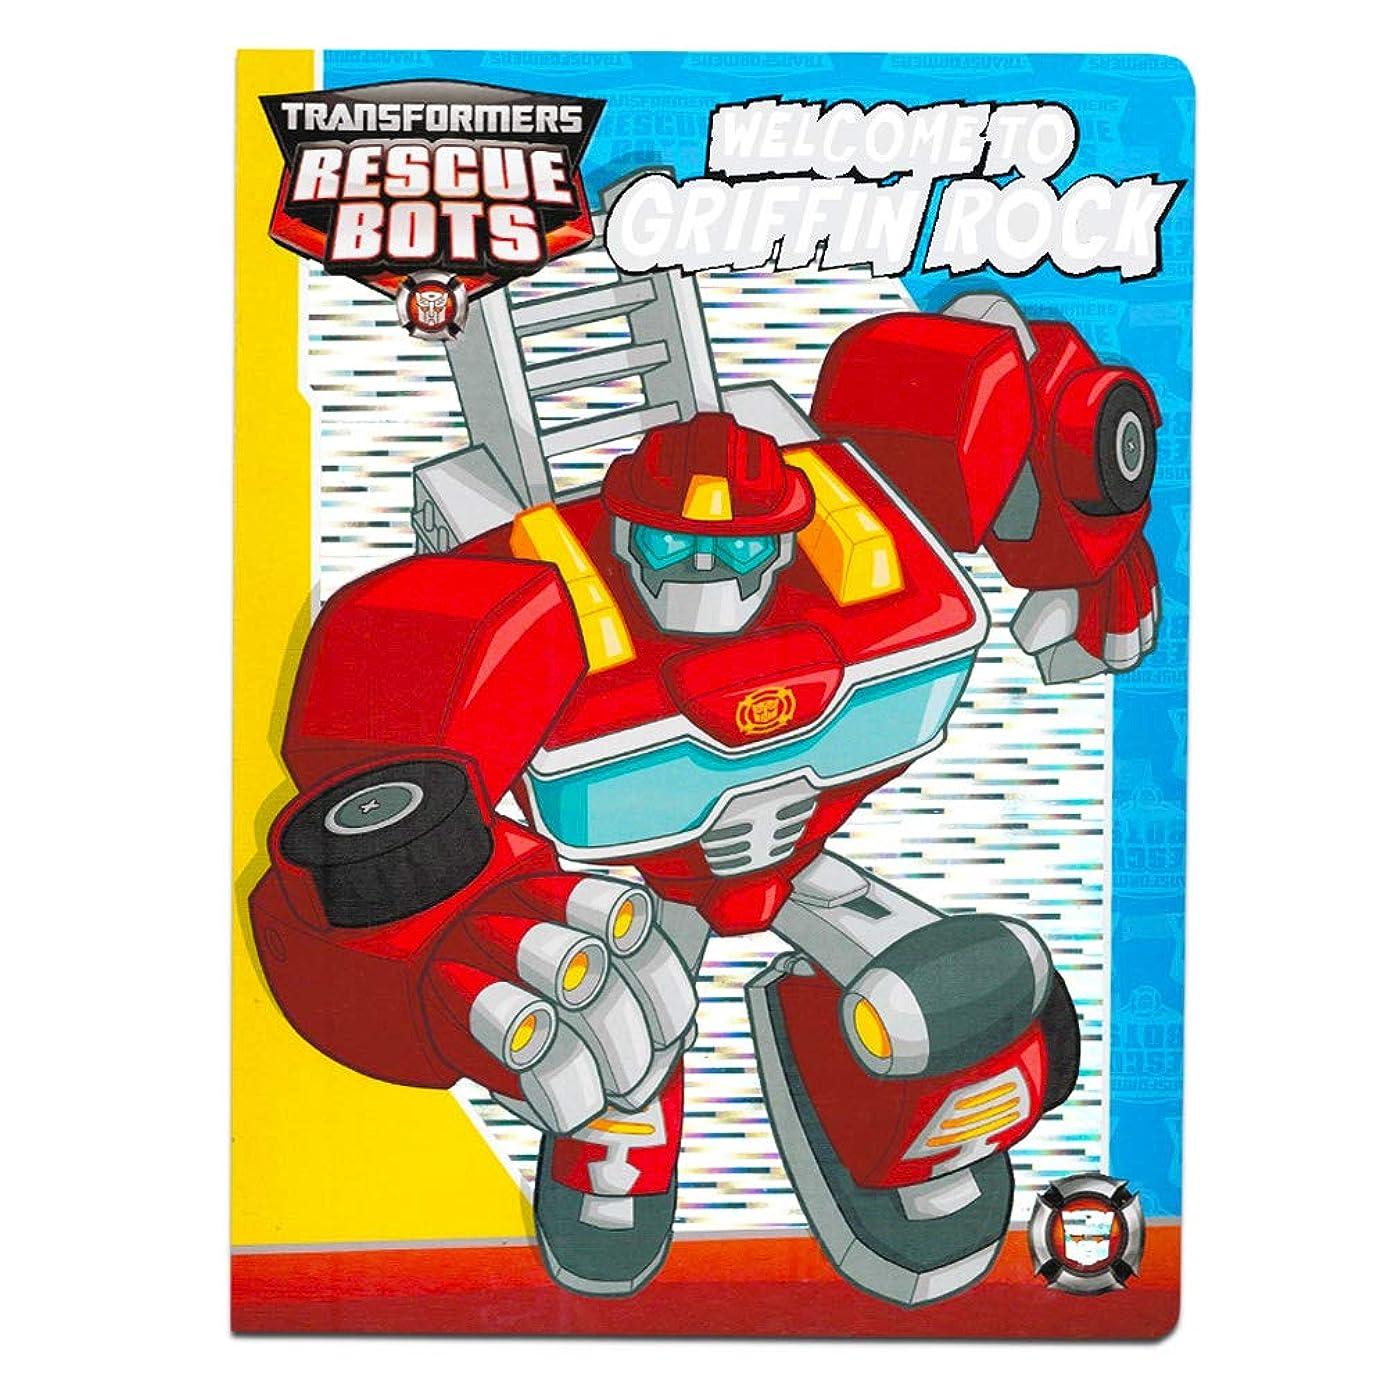 Transformers Rescue Bots Board Book: